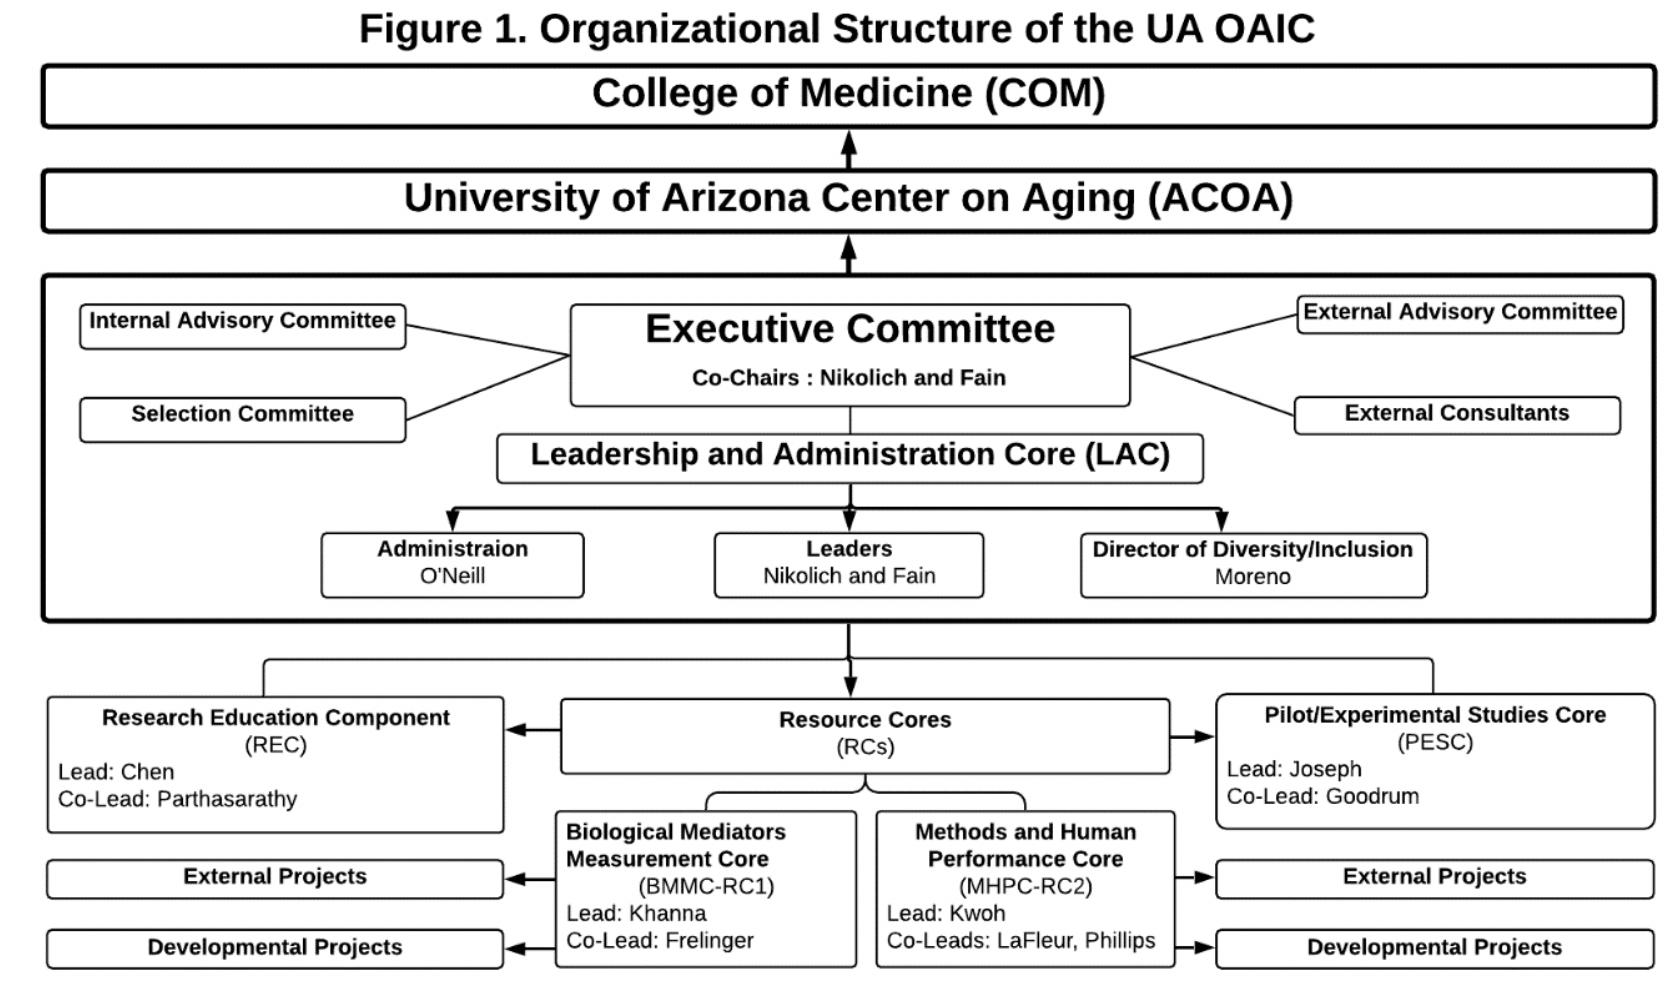 Organizational Structure of UA OAIC